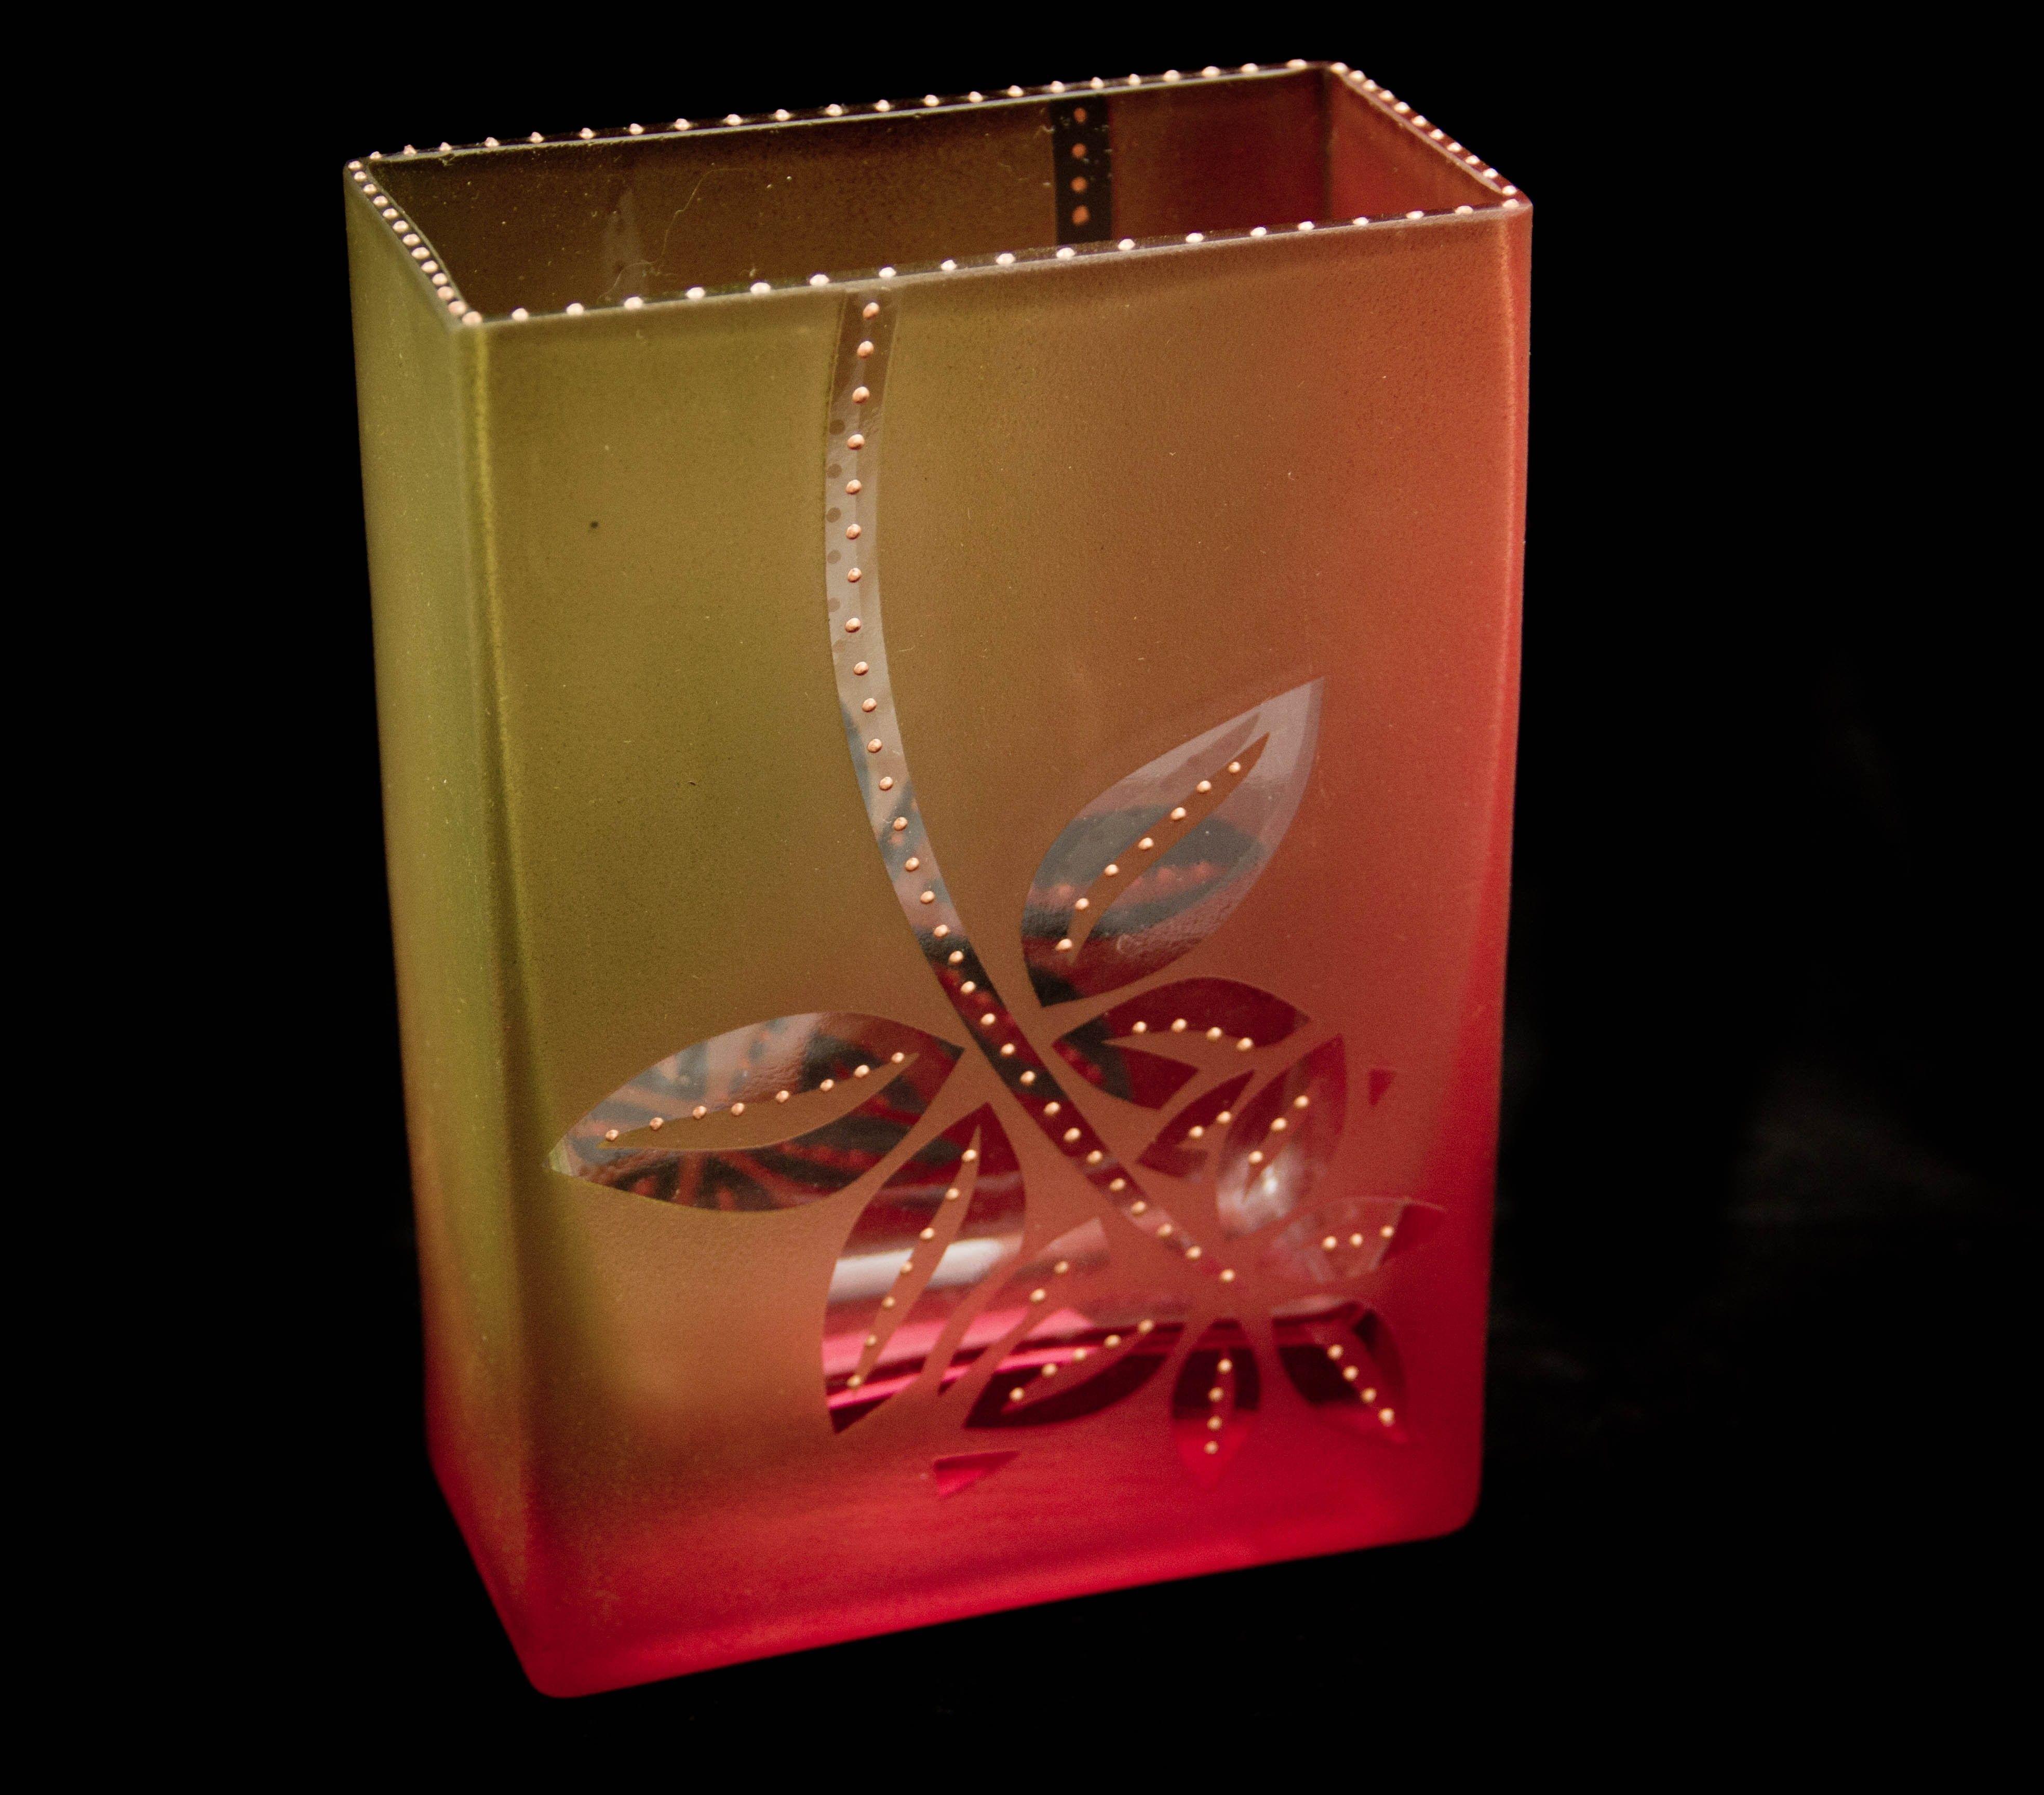 Mary Melinda Wellsandt   'Brick ' Sunset Line'.  Glass enamel baked on glass